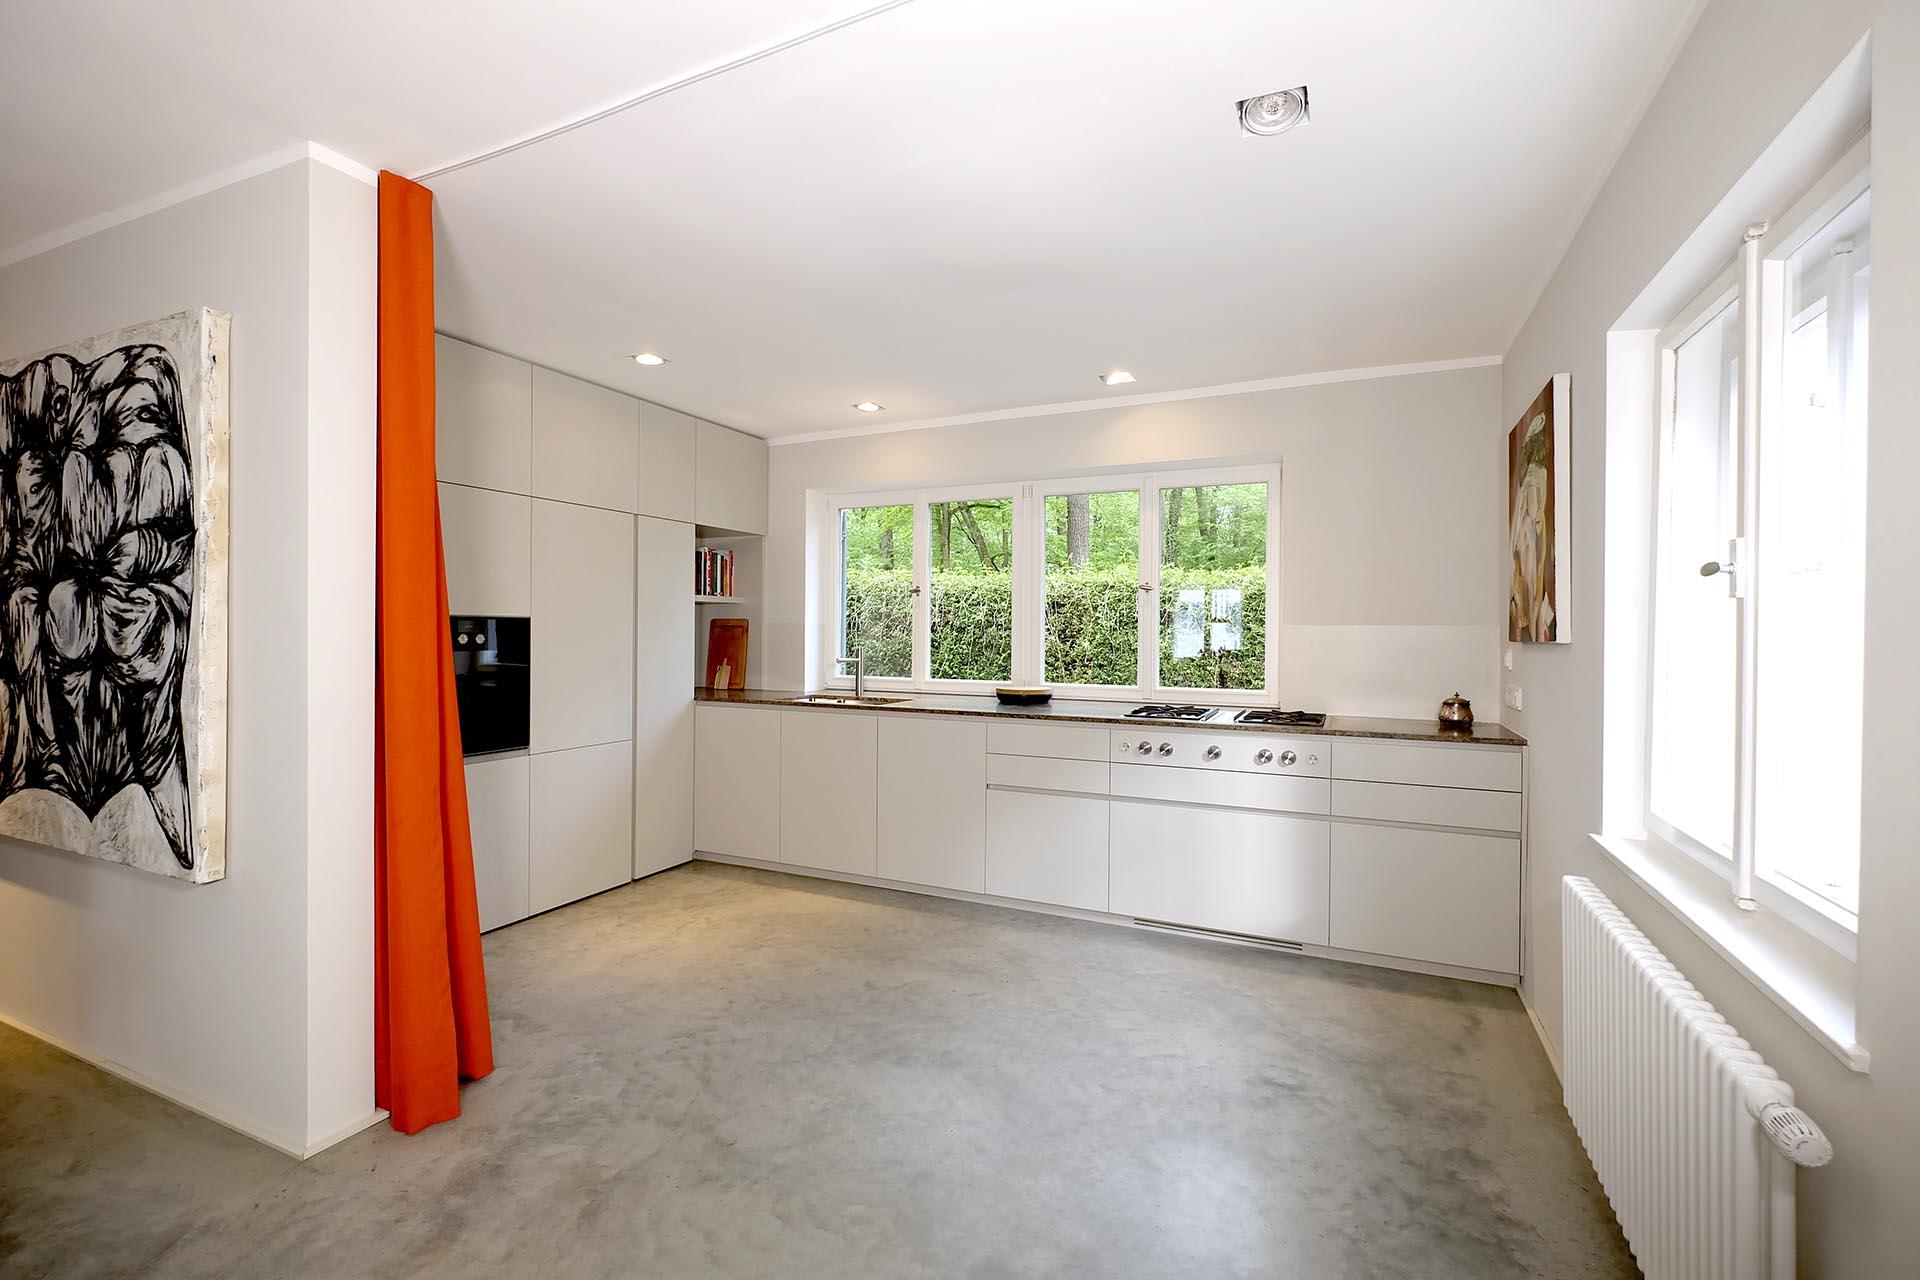 Masfina | Feine Küchen und Möbel auf Mass | Home Slider Image 012